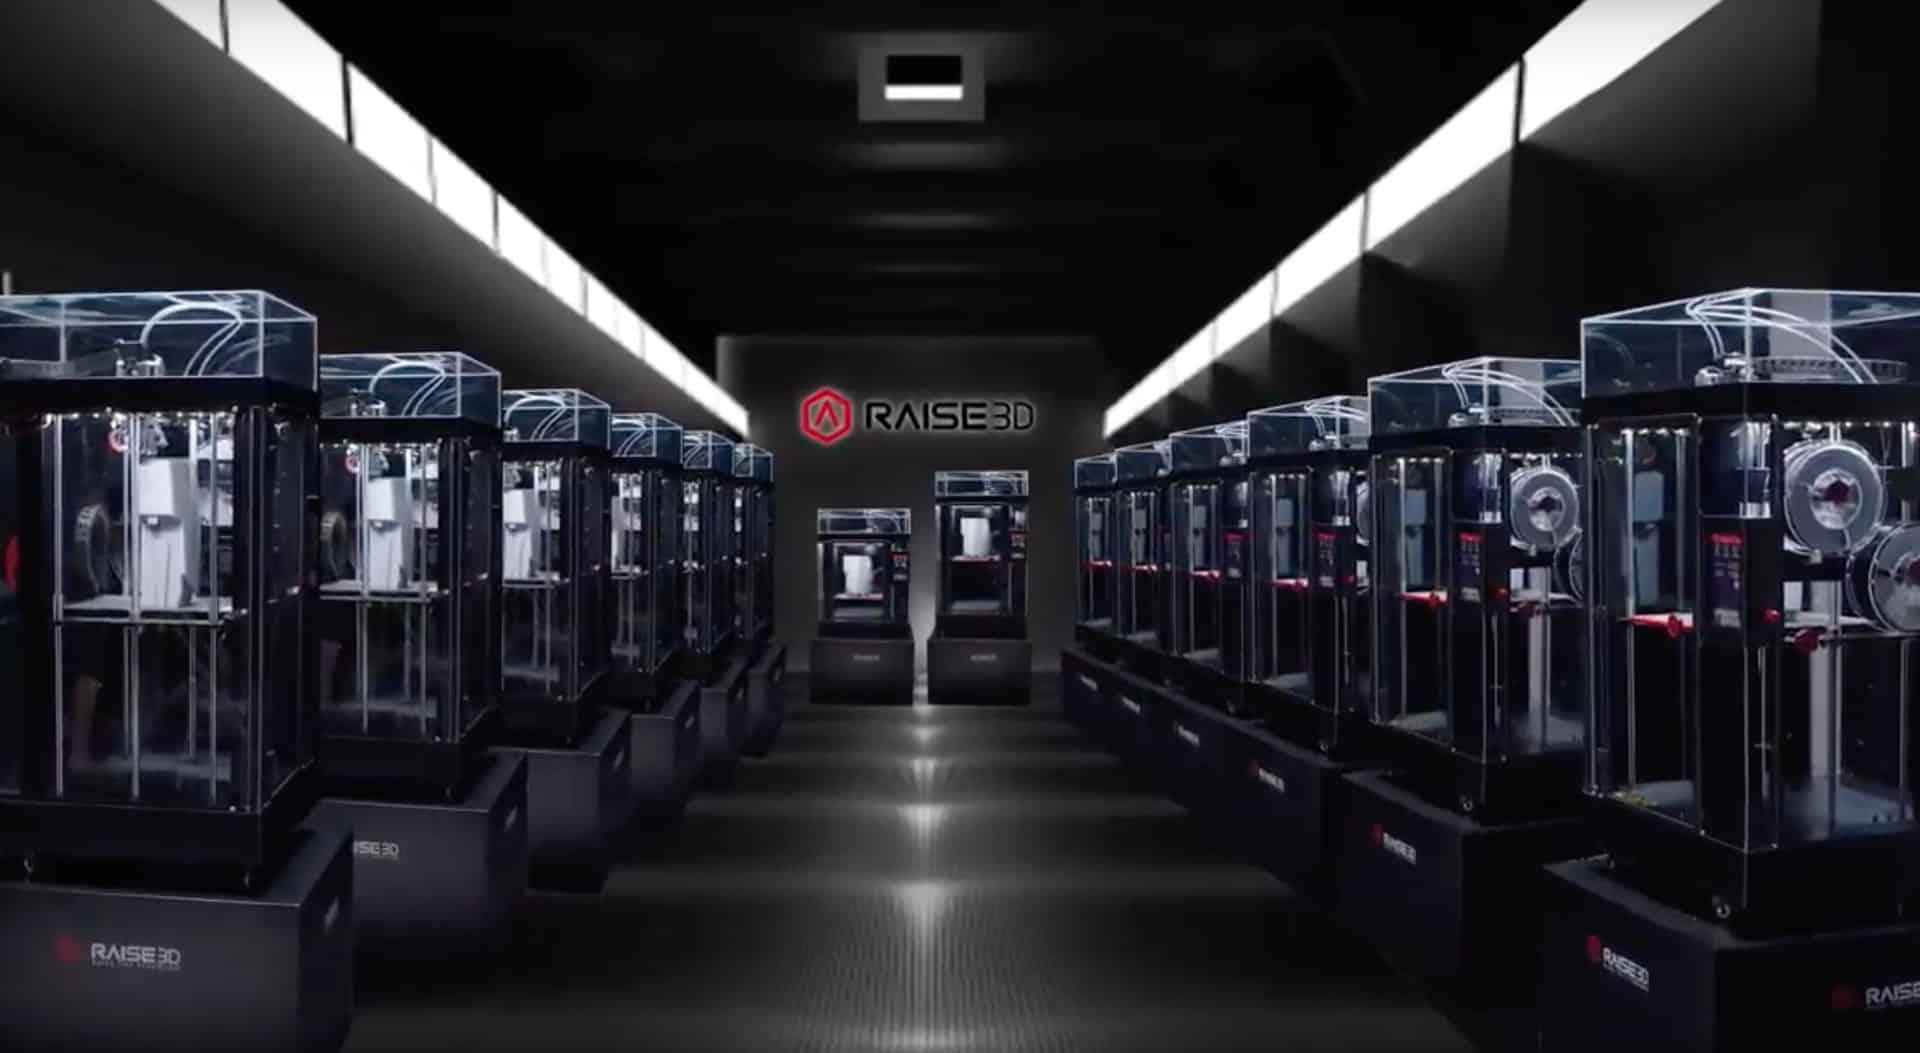 Raise3D Factory